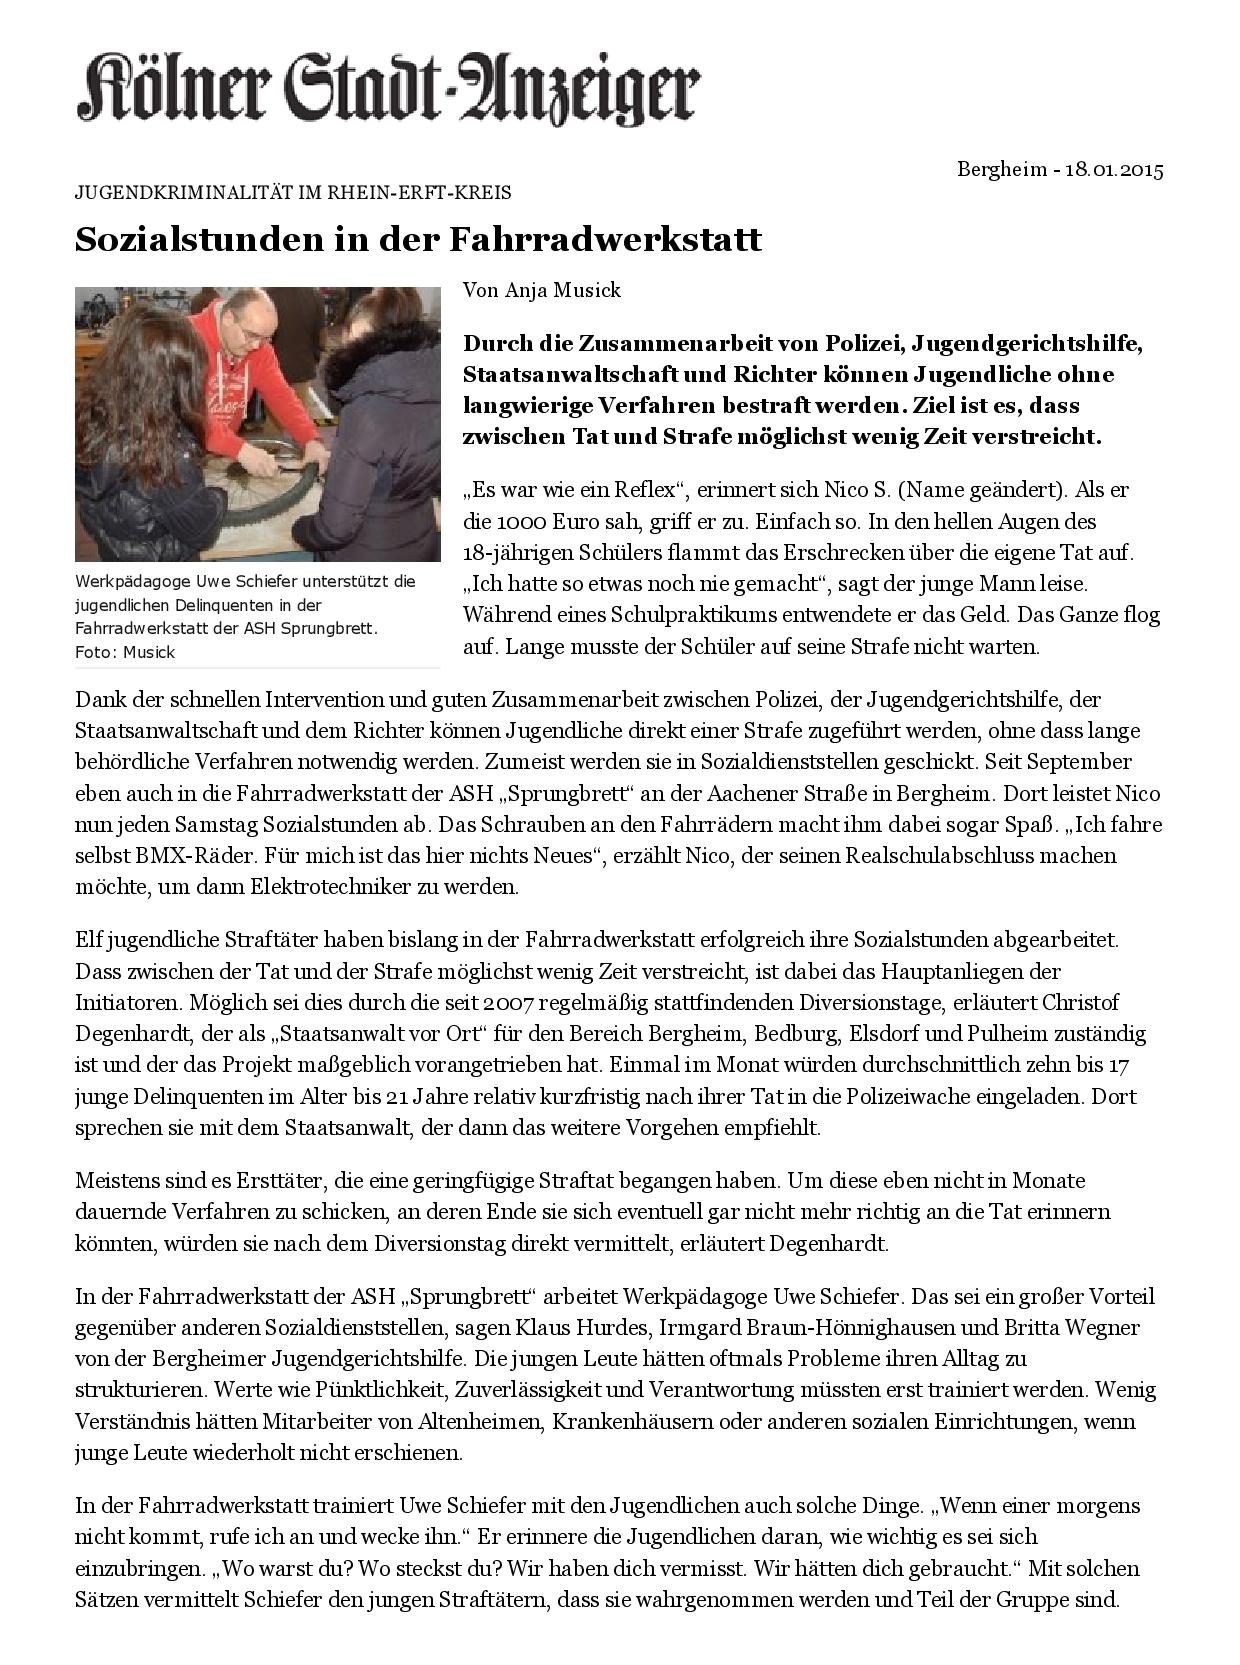 Kölner Stadt-Anzeiger- Sozialstunden in der Fahrradwerkstatt-001